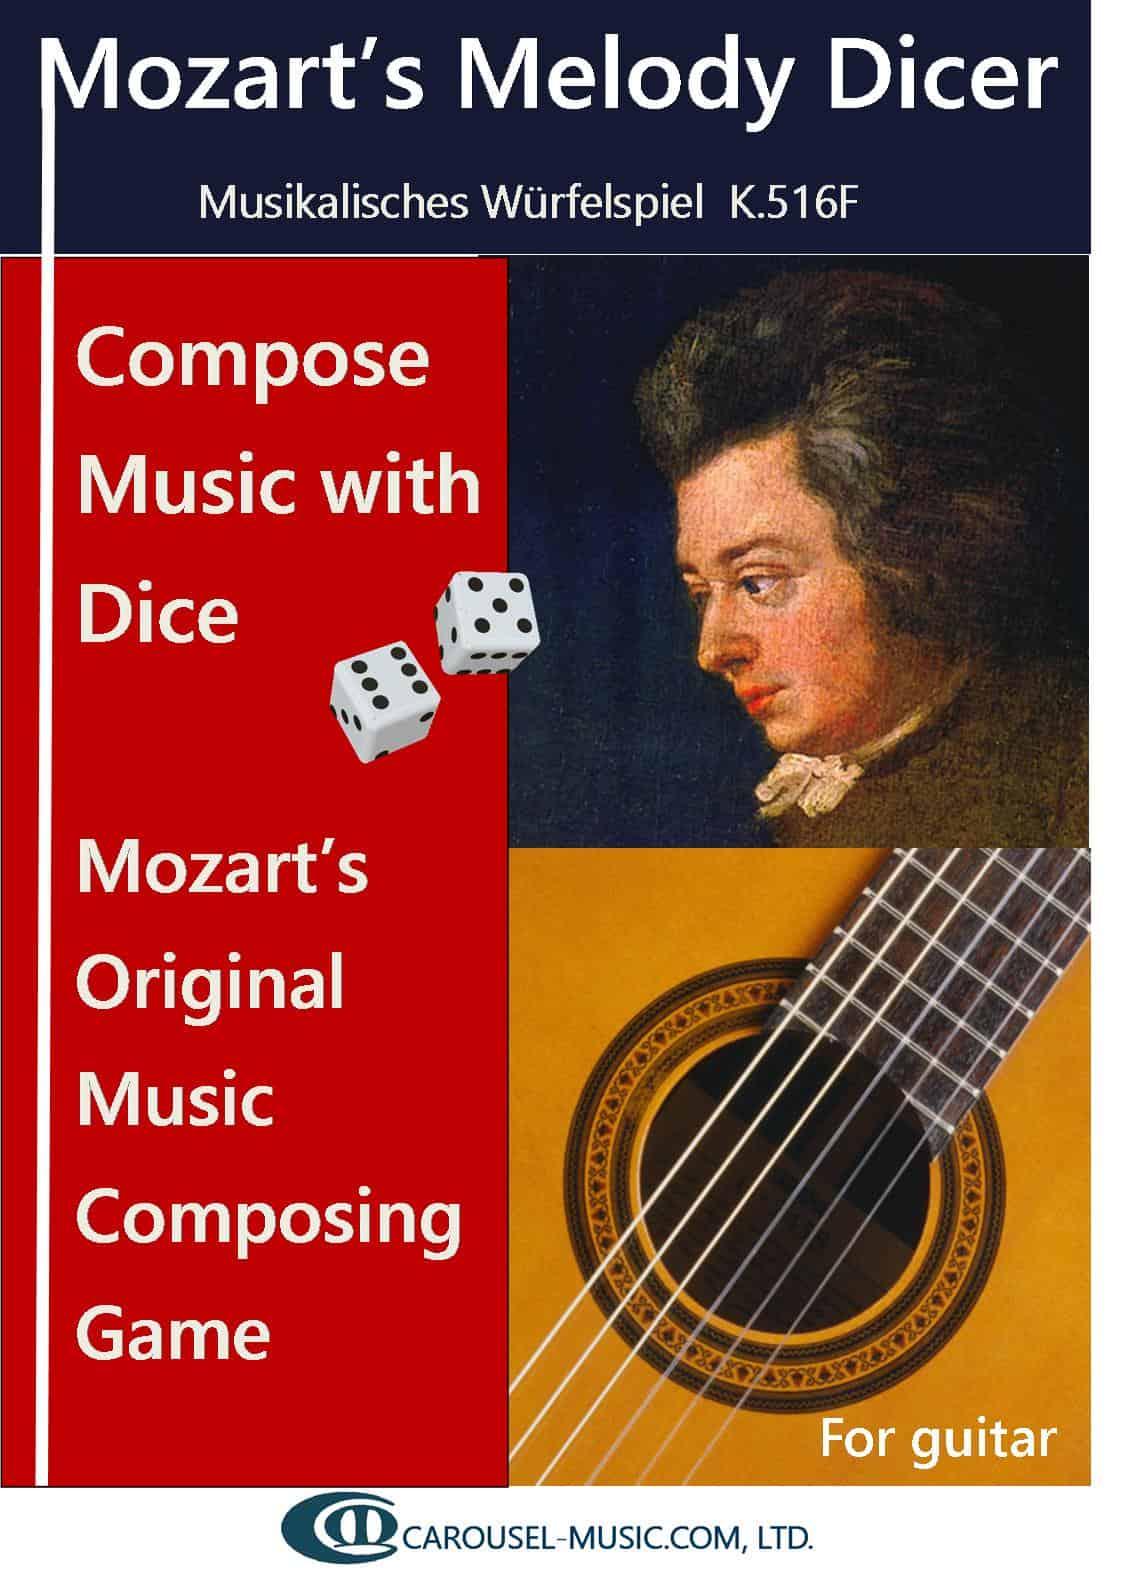 Mozart Melody Dicer for Guitar K516f E Book